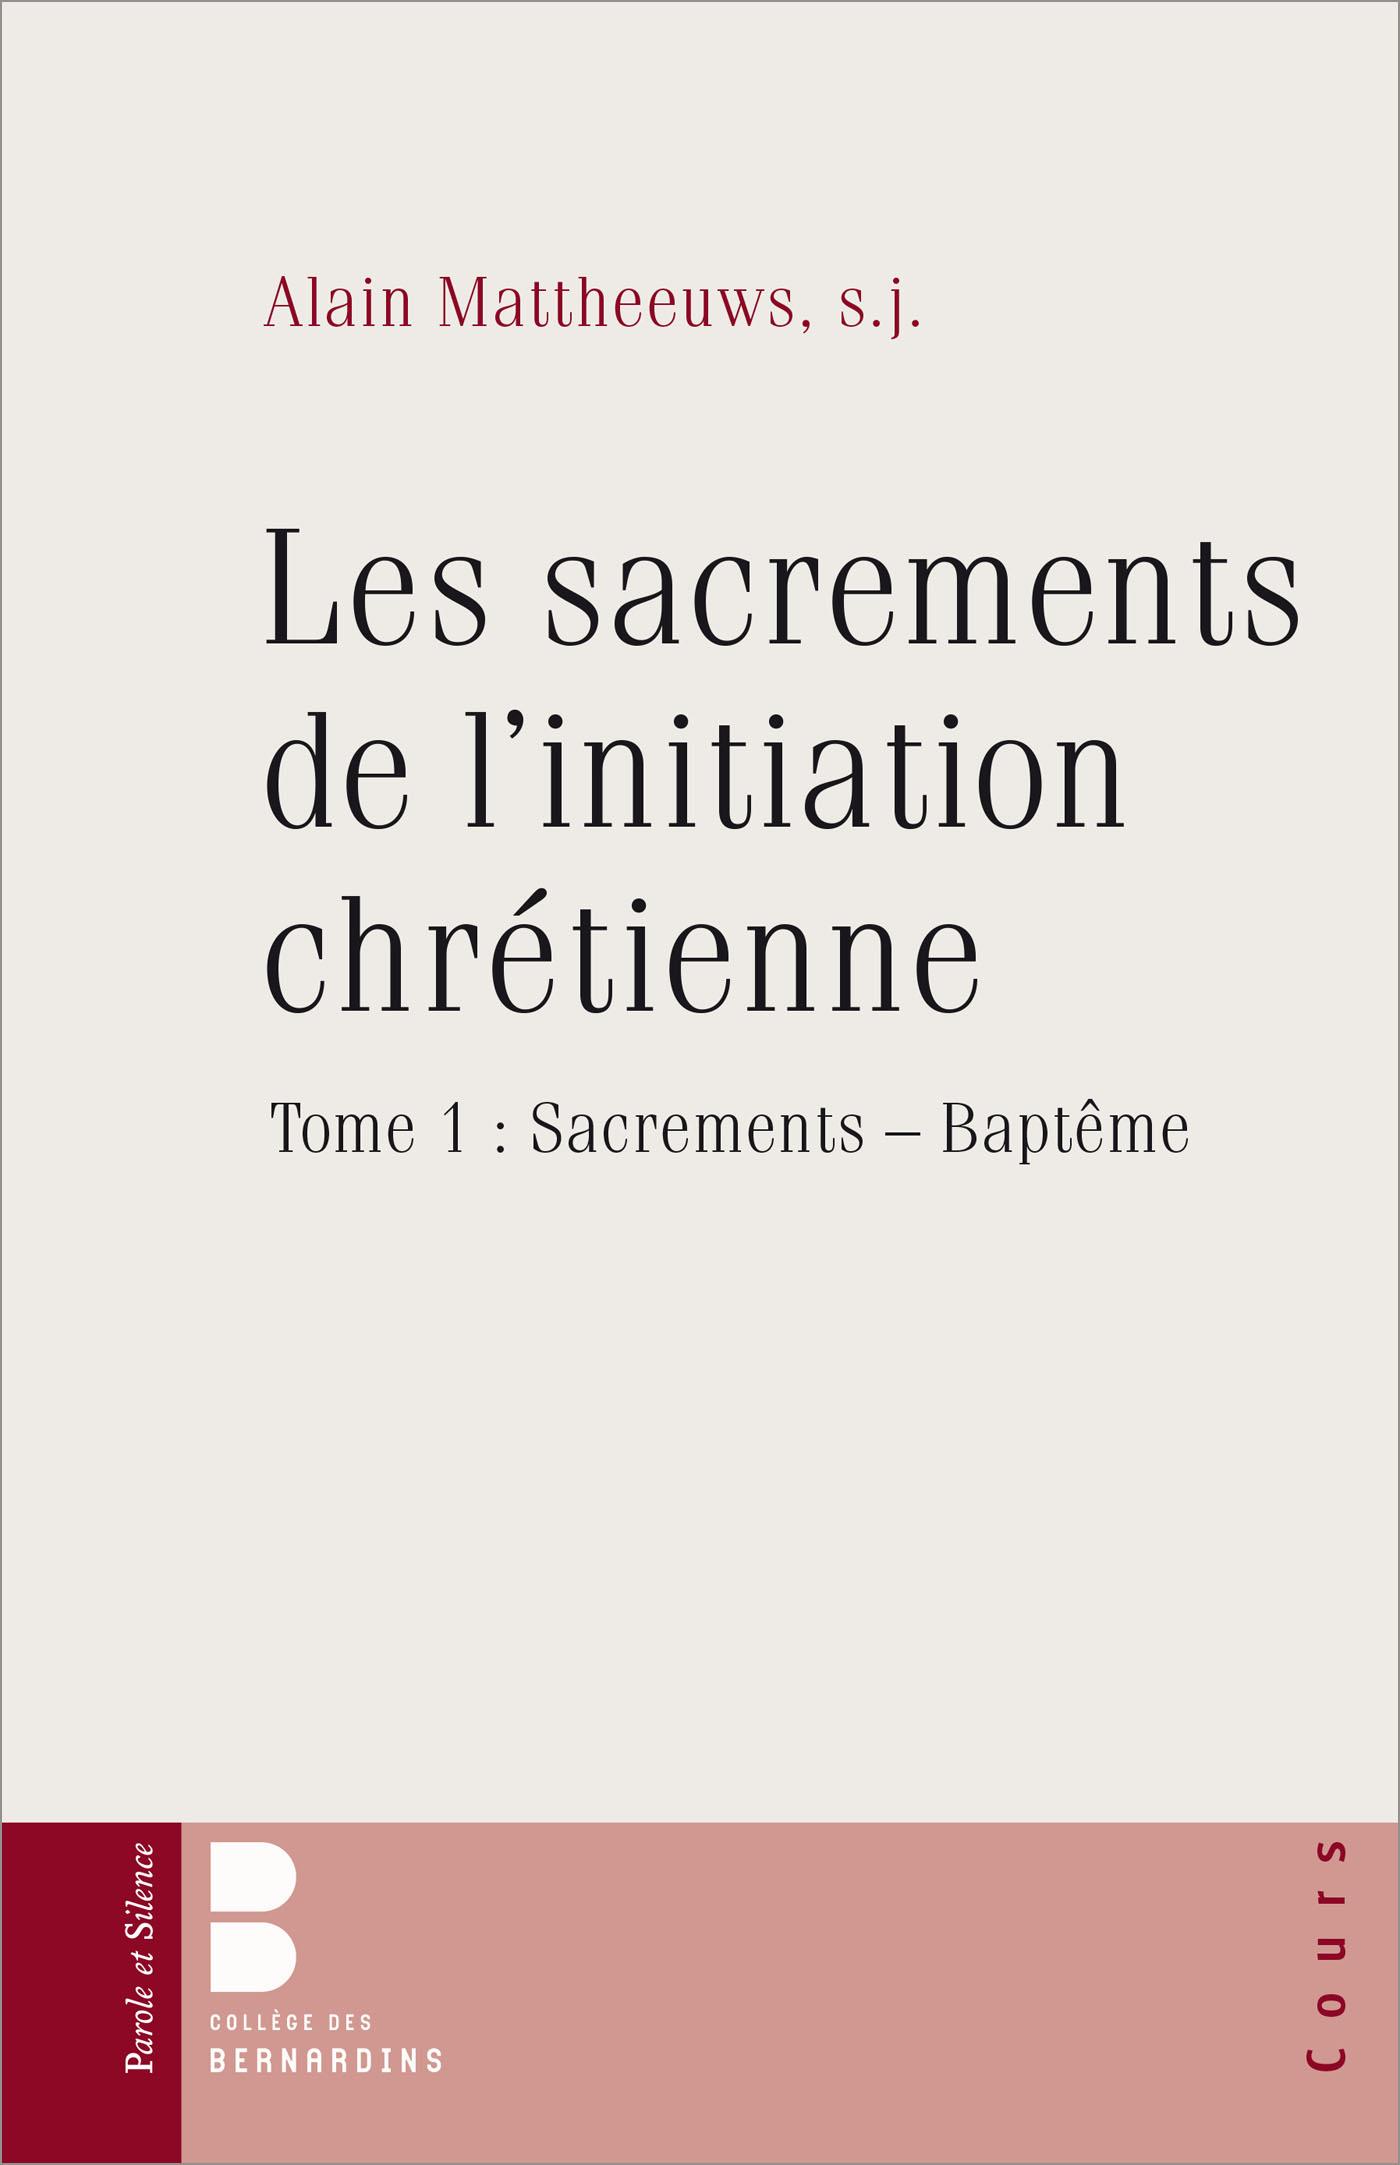 Les sacrements de l'initiation chrétienne tome 1